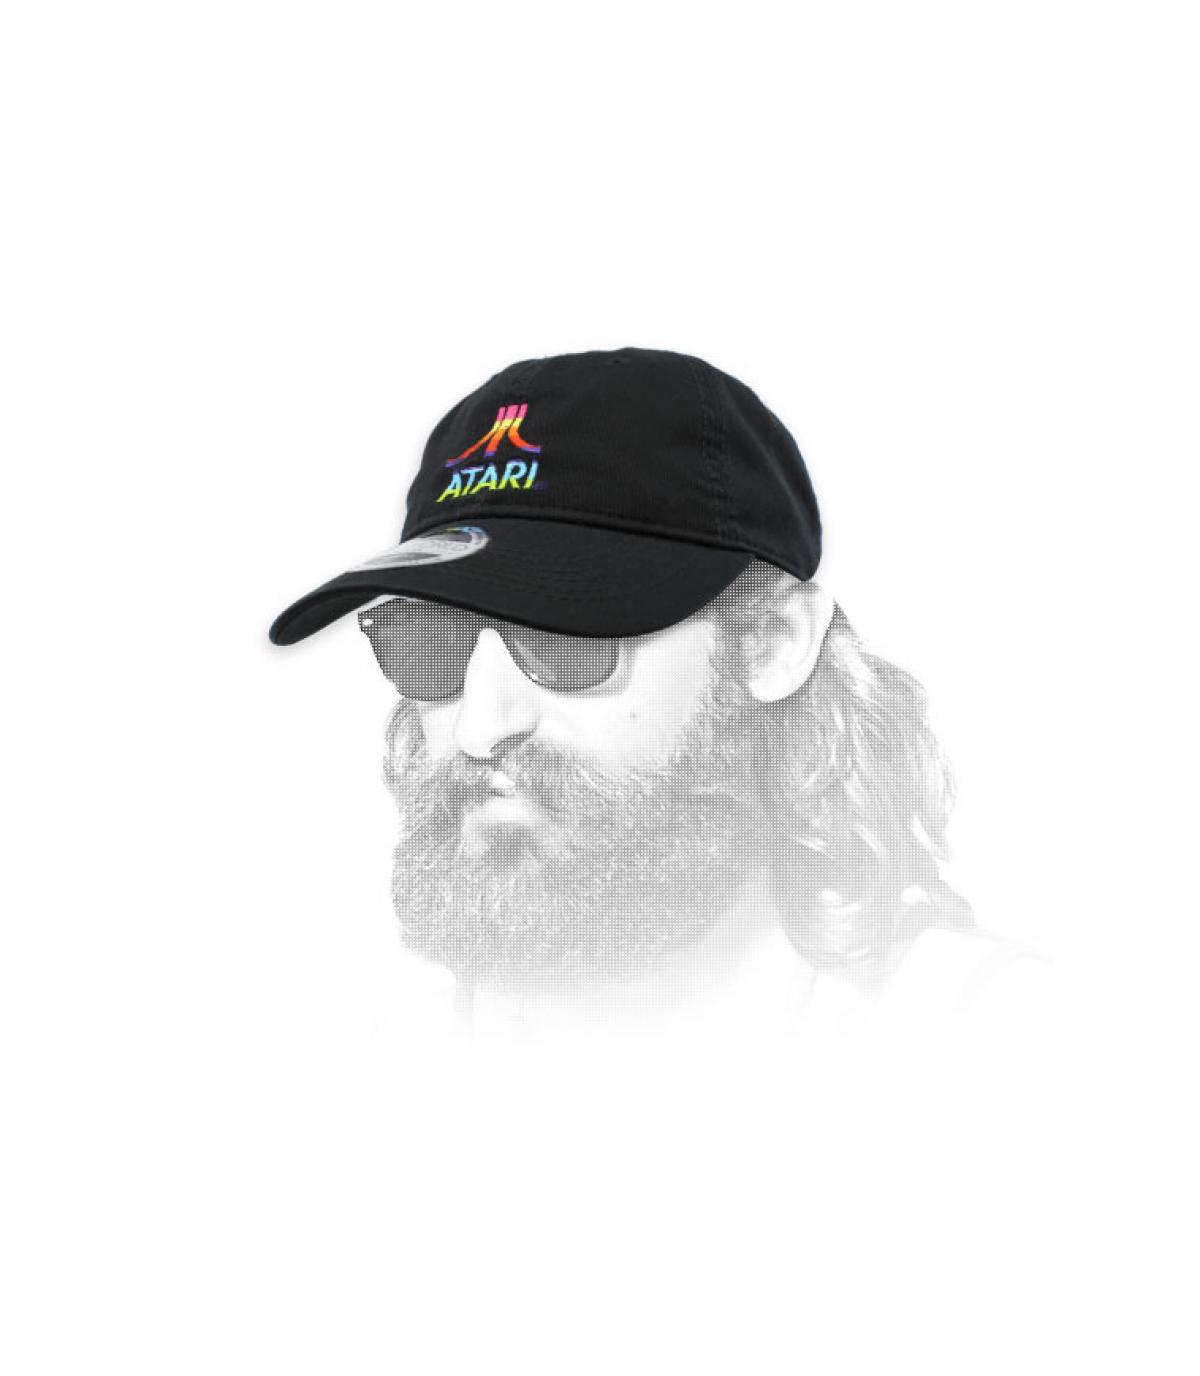 casquette Atari logo